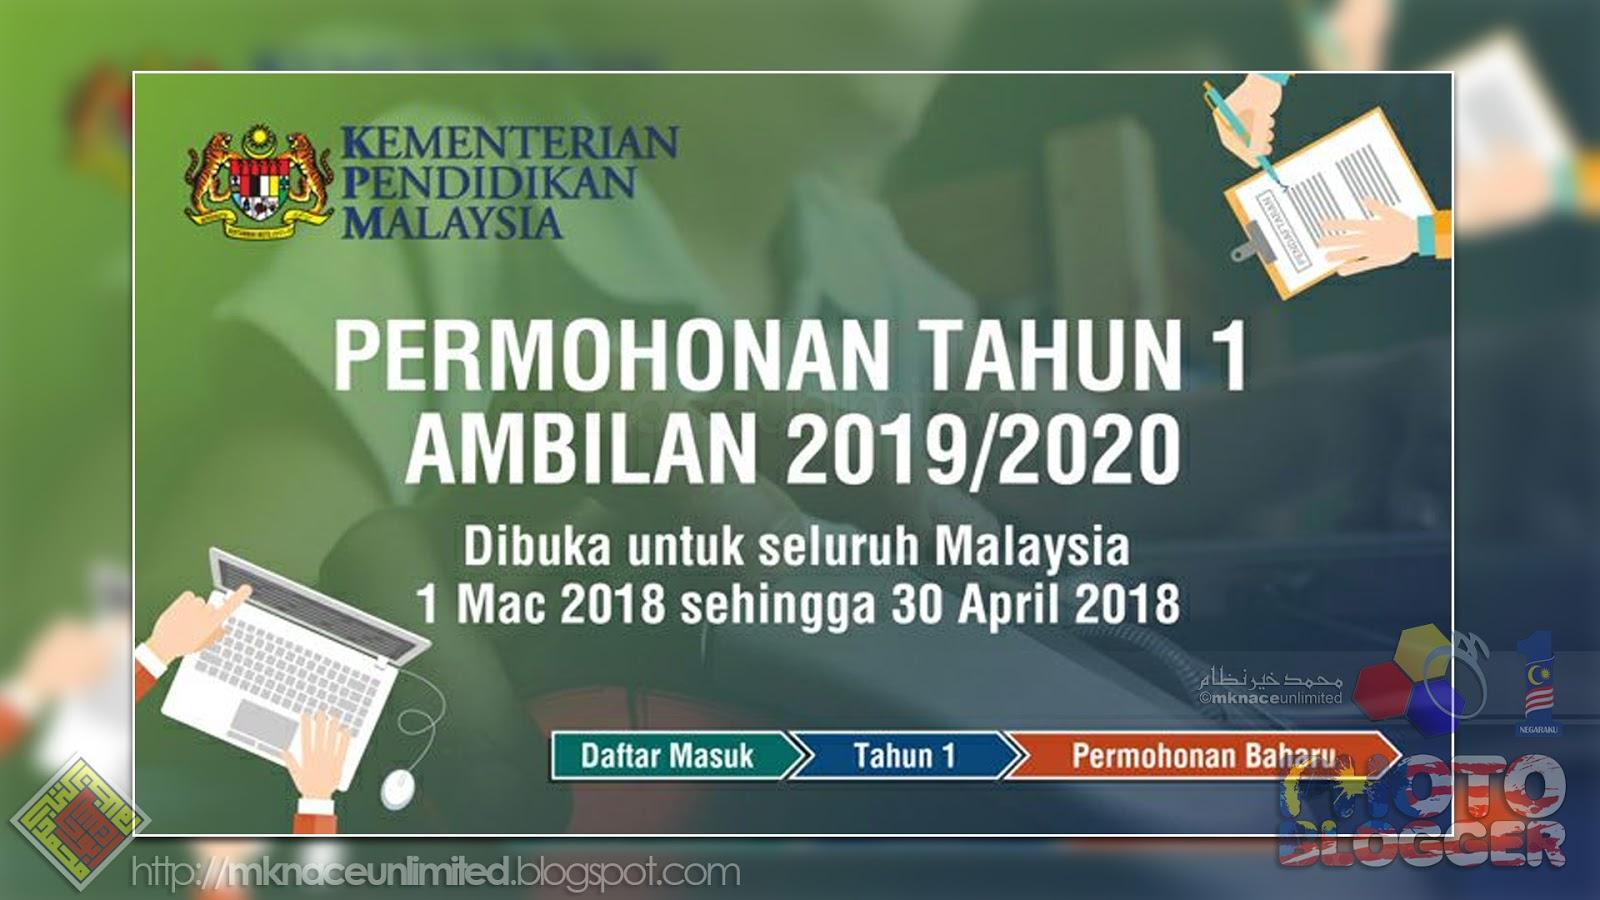 Permohonan Tahun 1 Ambilan 2019/2020